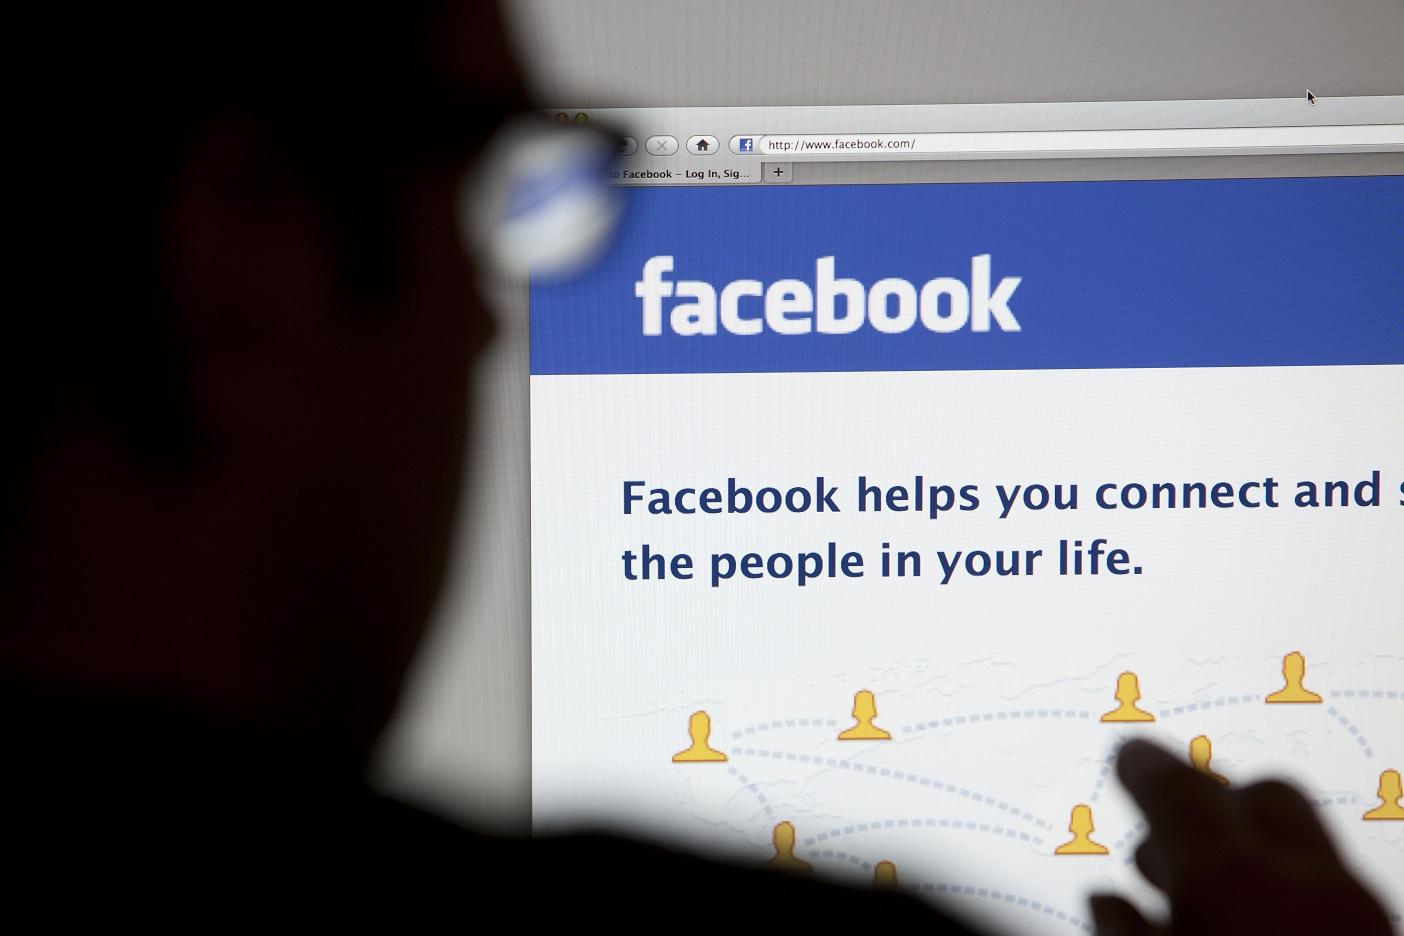 Alemanha reage contra ódio e mentiras nas redes sociais